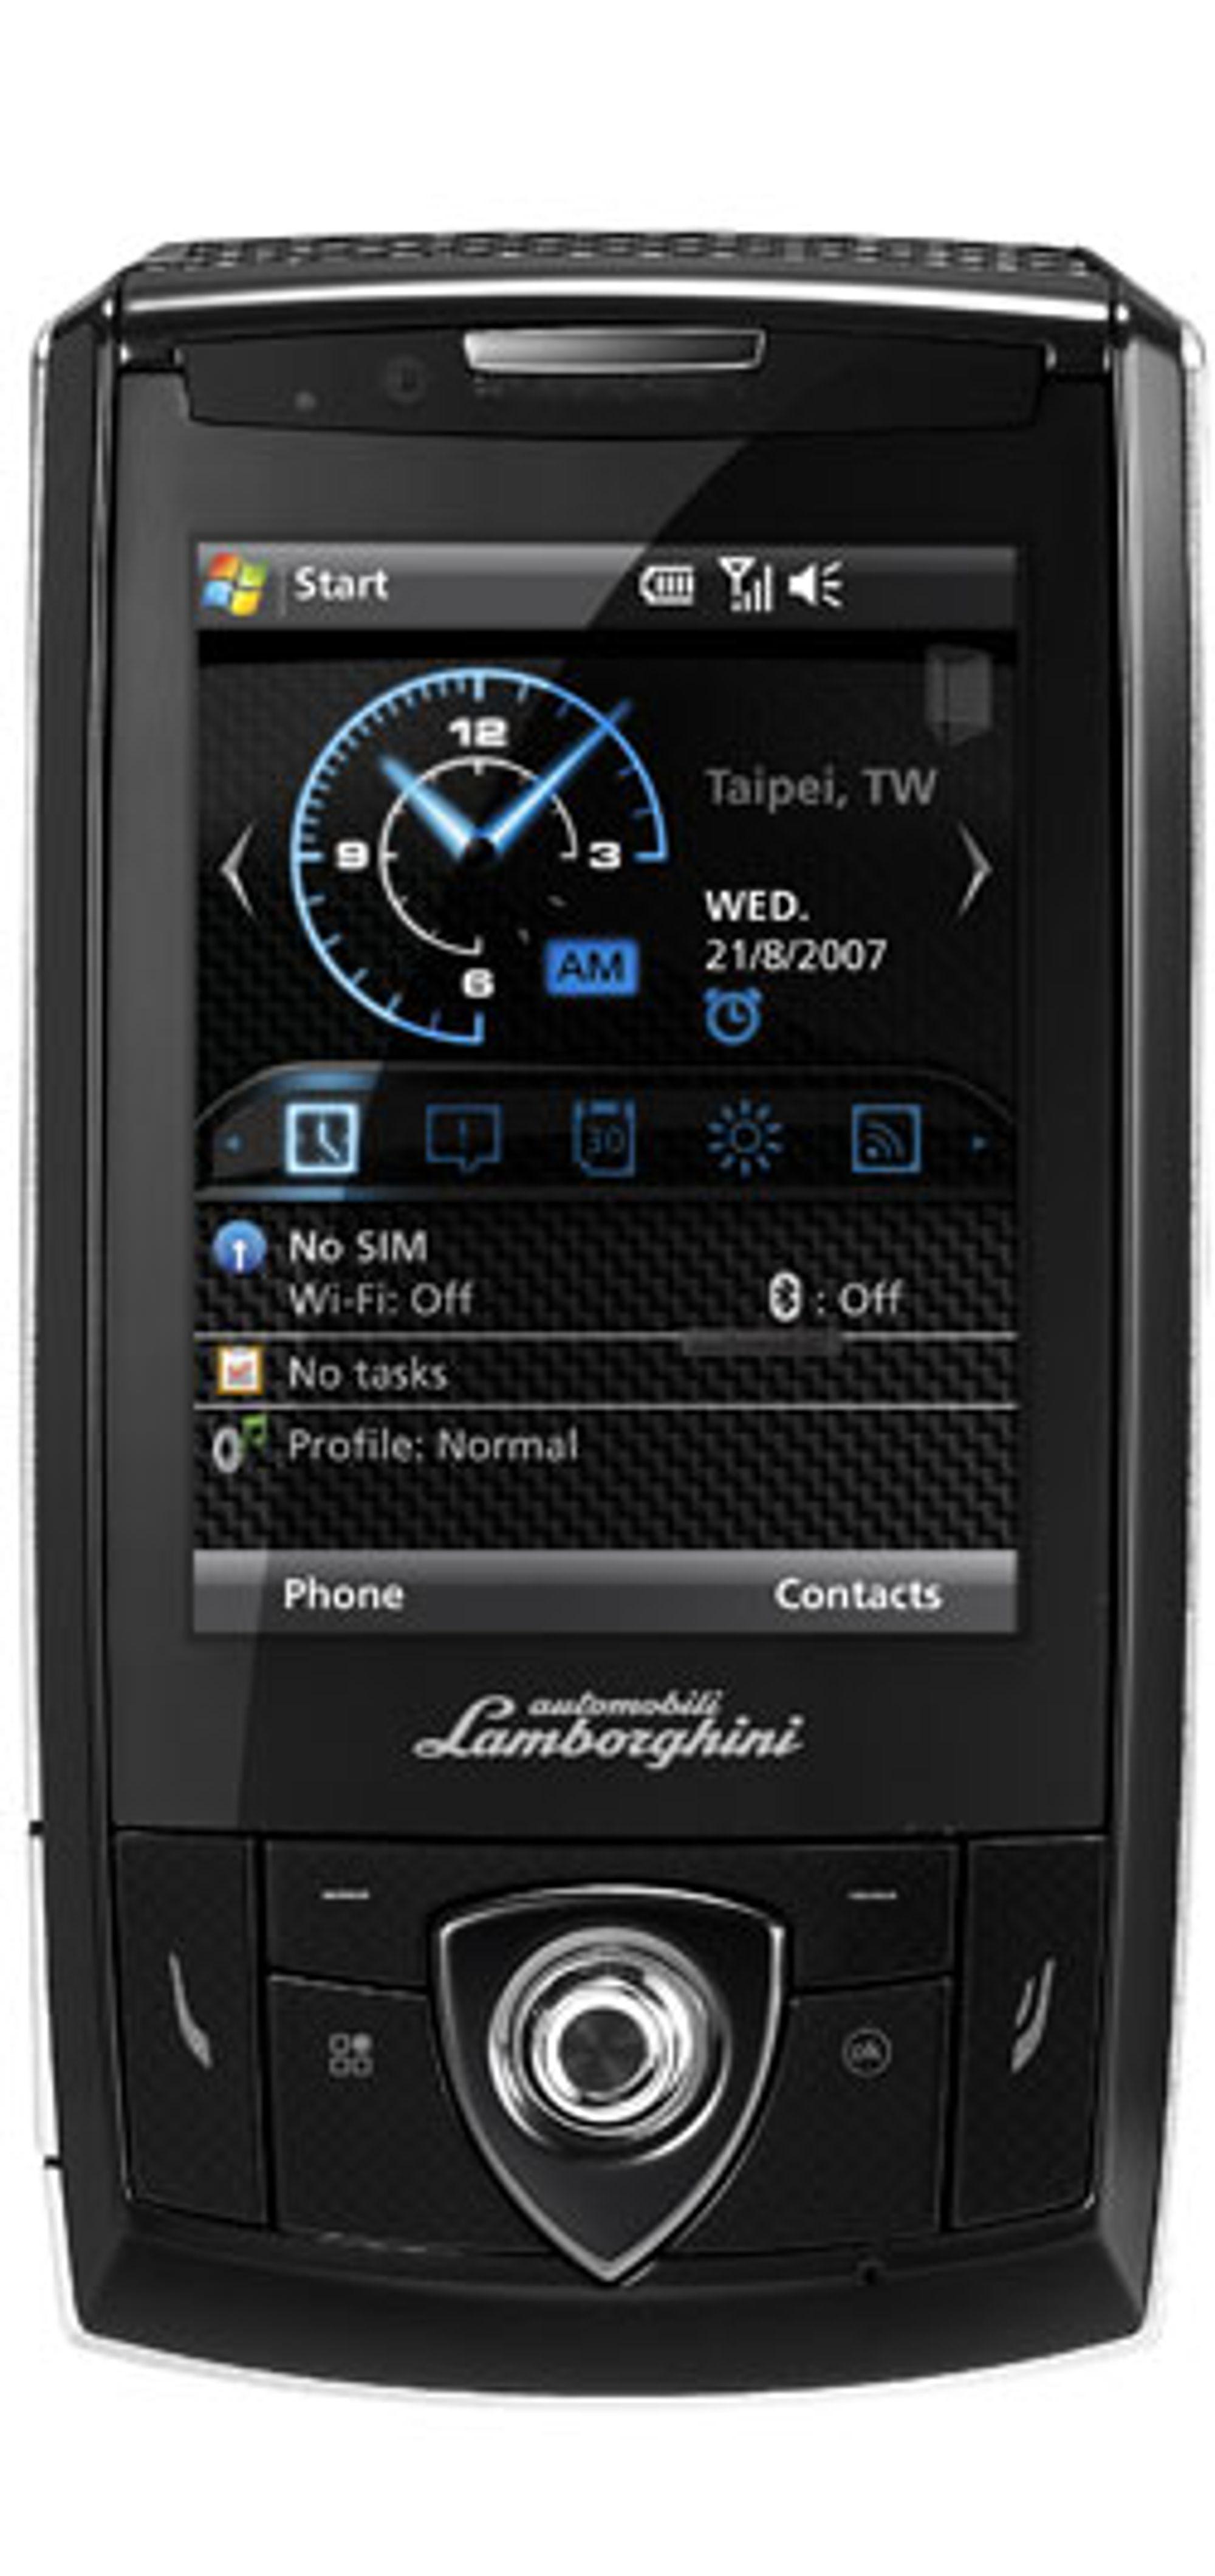 Lamborghini-mobilen har fått designelementer fra Lamborghinis biler og logo.